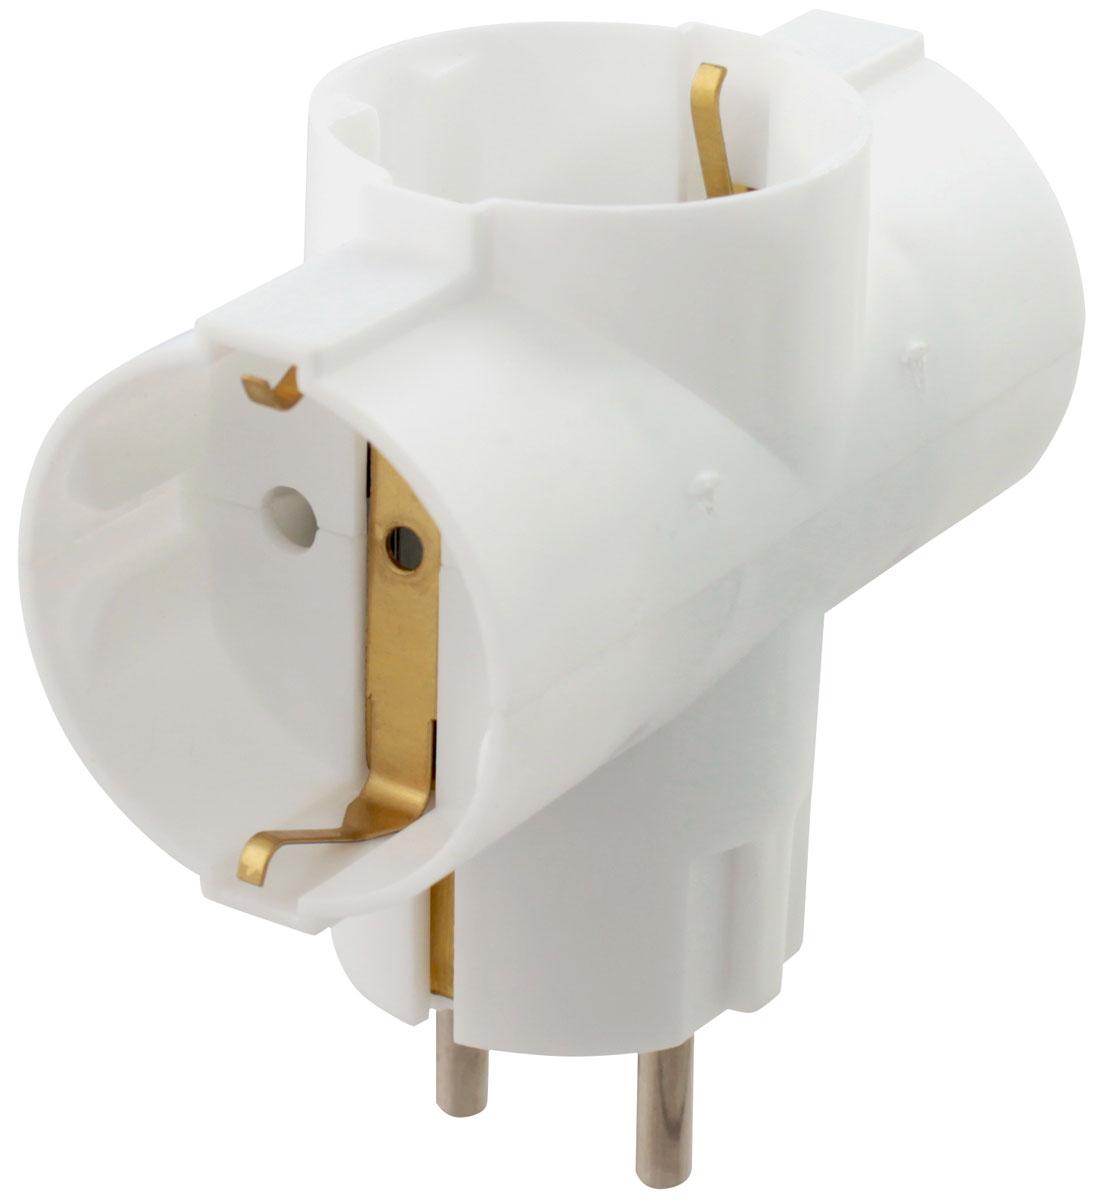 Адаптер сетевой Старт SA1/3-Z на 3 розетки05513Адаптер Старт SA1/3-Z с тремя гнездами изготовлен из негорючего РР- пластика. Корпус адаптера неразборный и обладает ударопрочными свойствами.Контакты заземления и электрические контакты выполнены из латуни, чтопредотвращает их ломкость. Заземление делает адаптер безопаснее и позволяетизбежать коротких замыканий и поражения электрическим током.